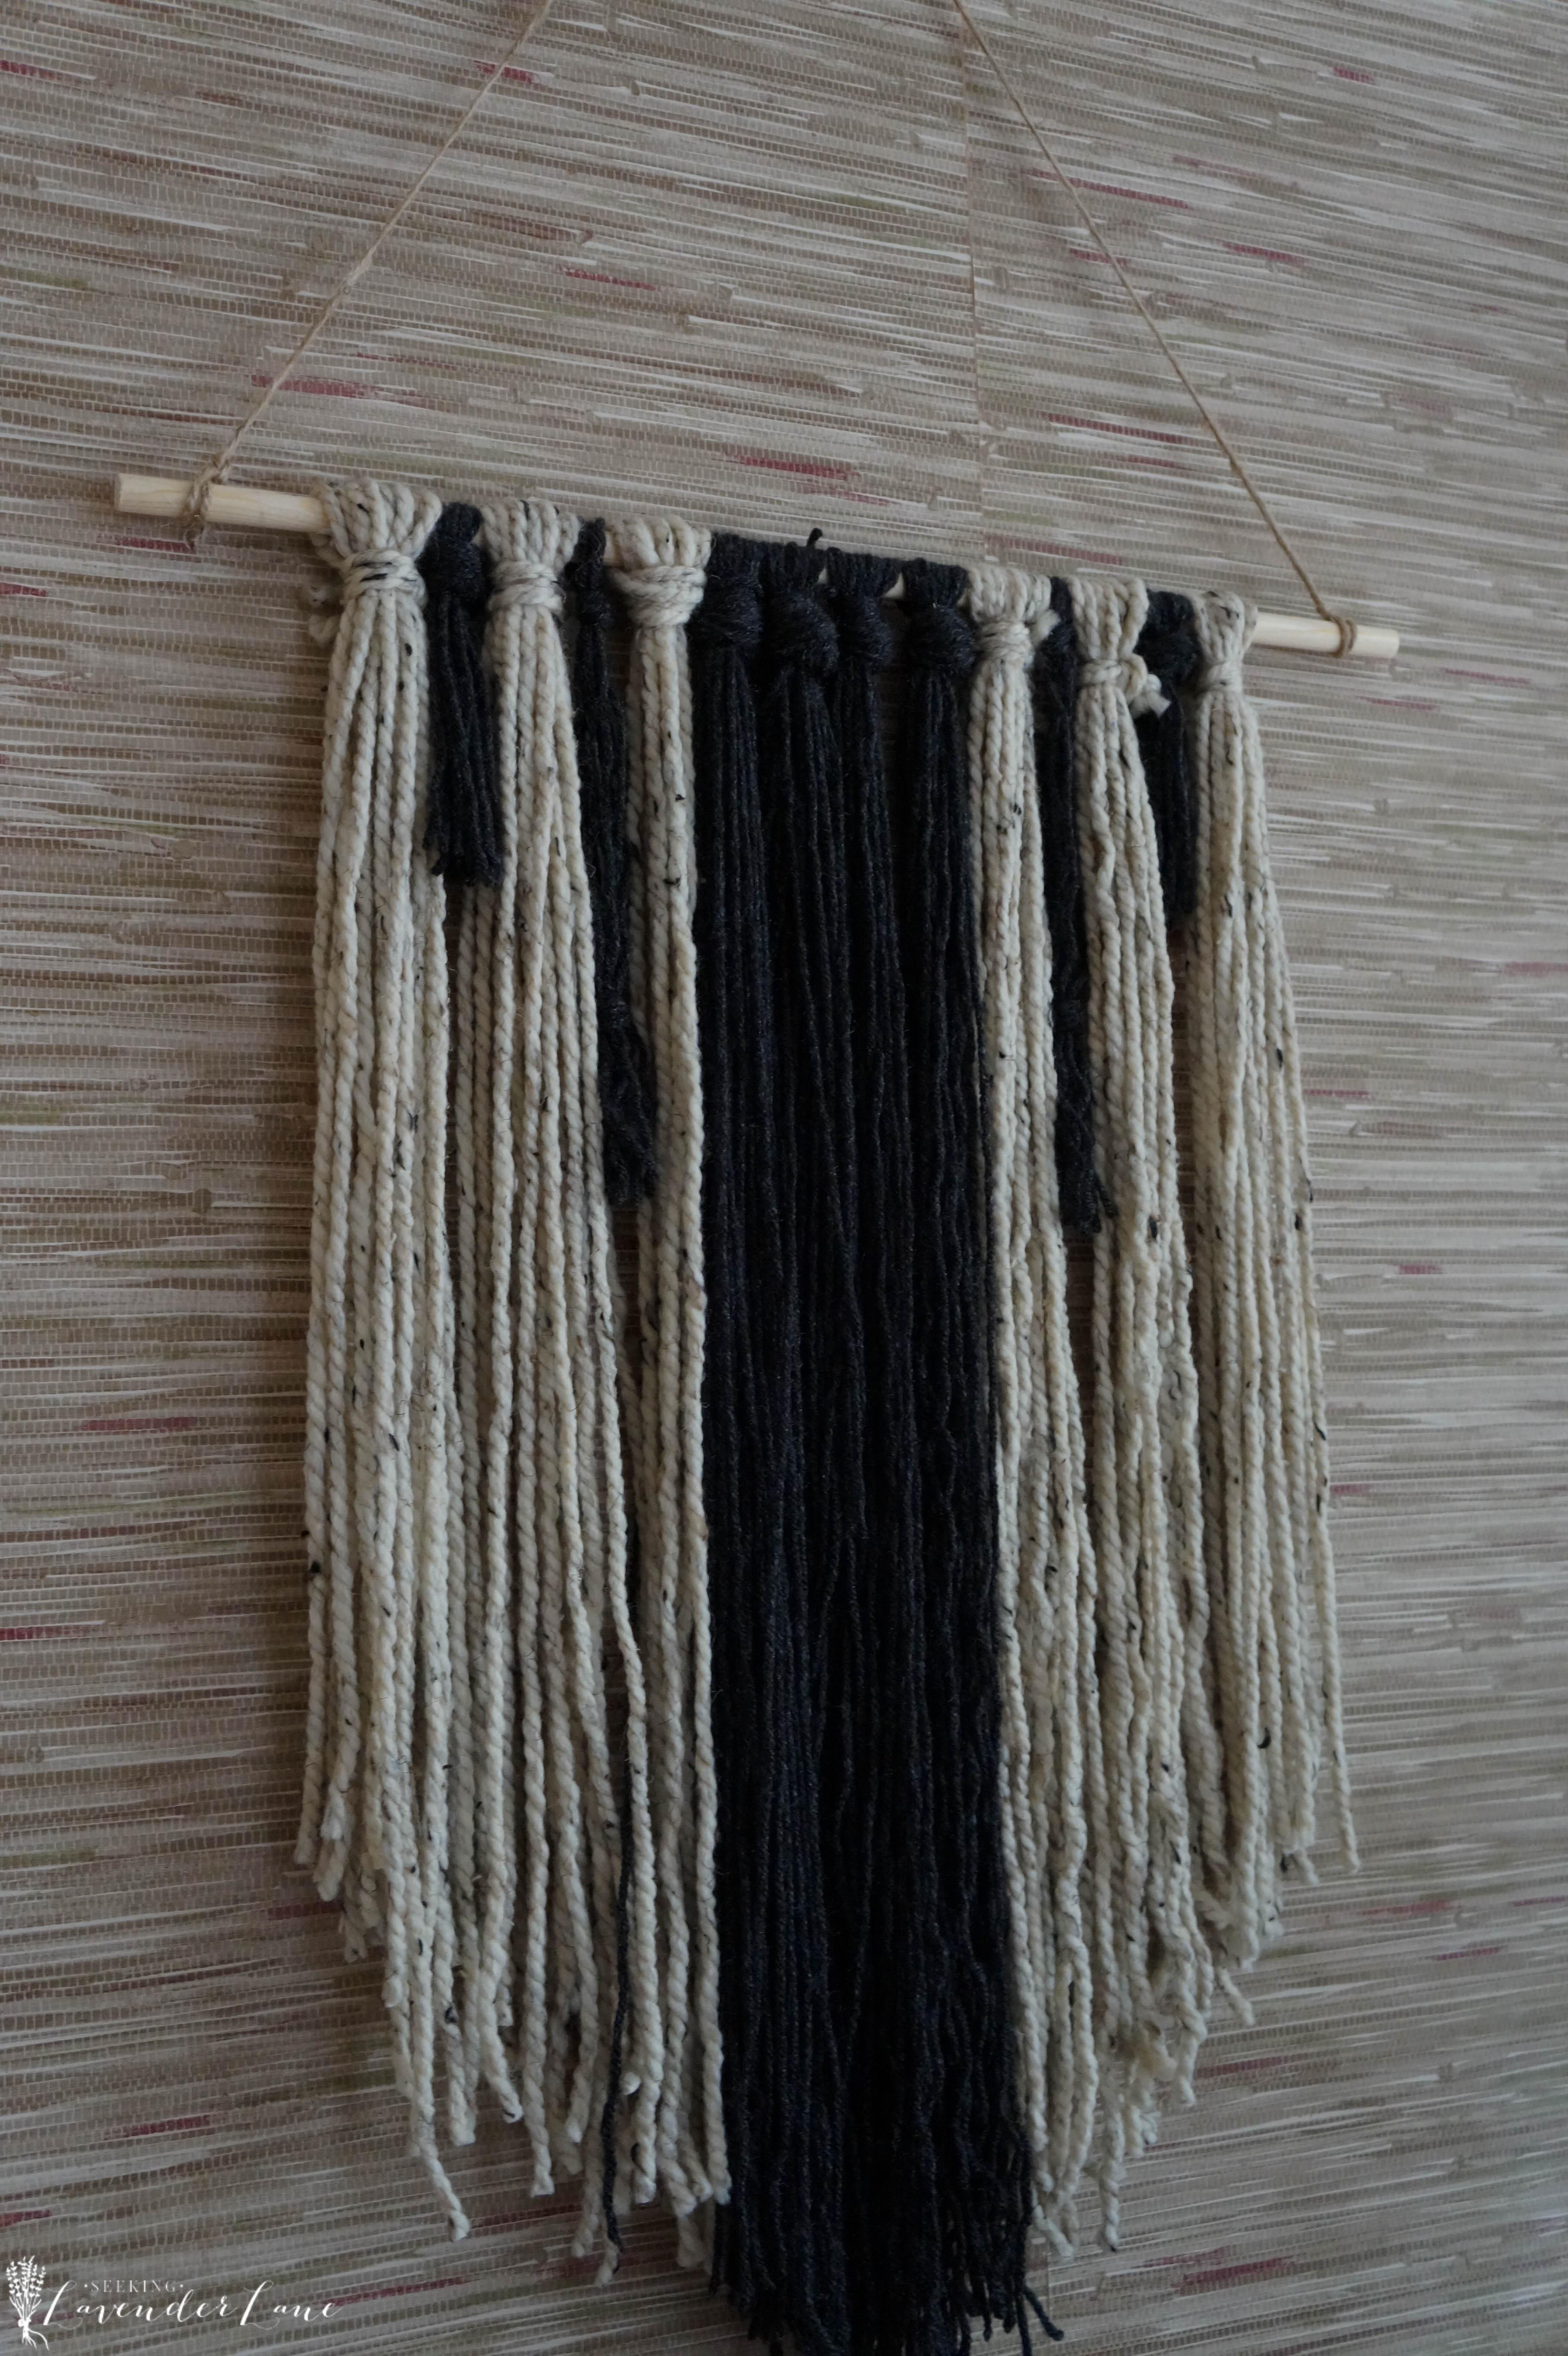 Easy DIY Yarn Hanging - Seeking Lavendar Lane